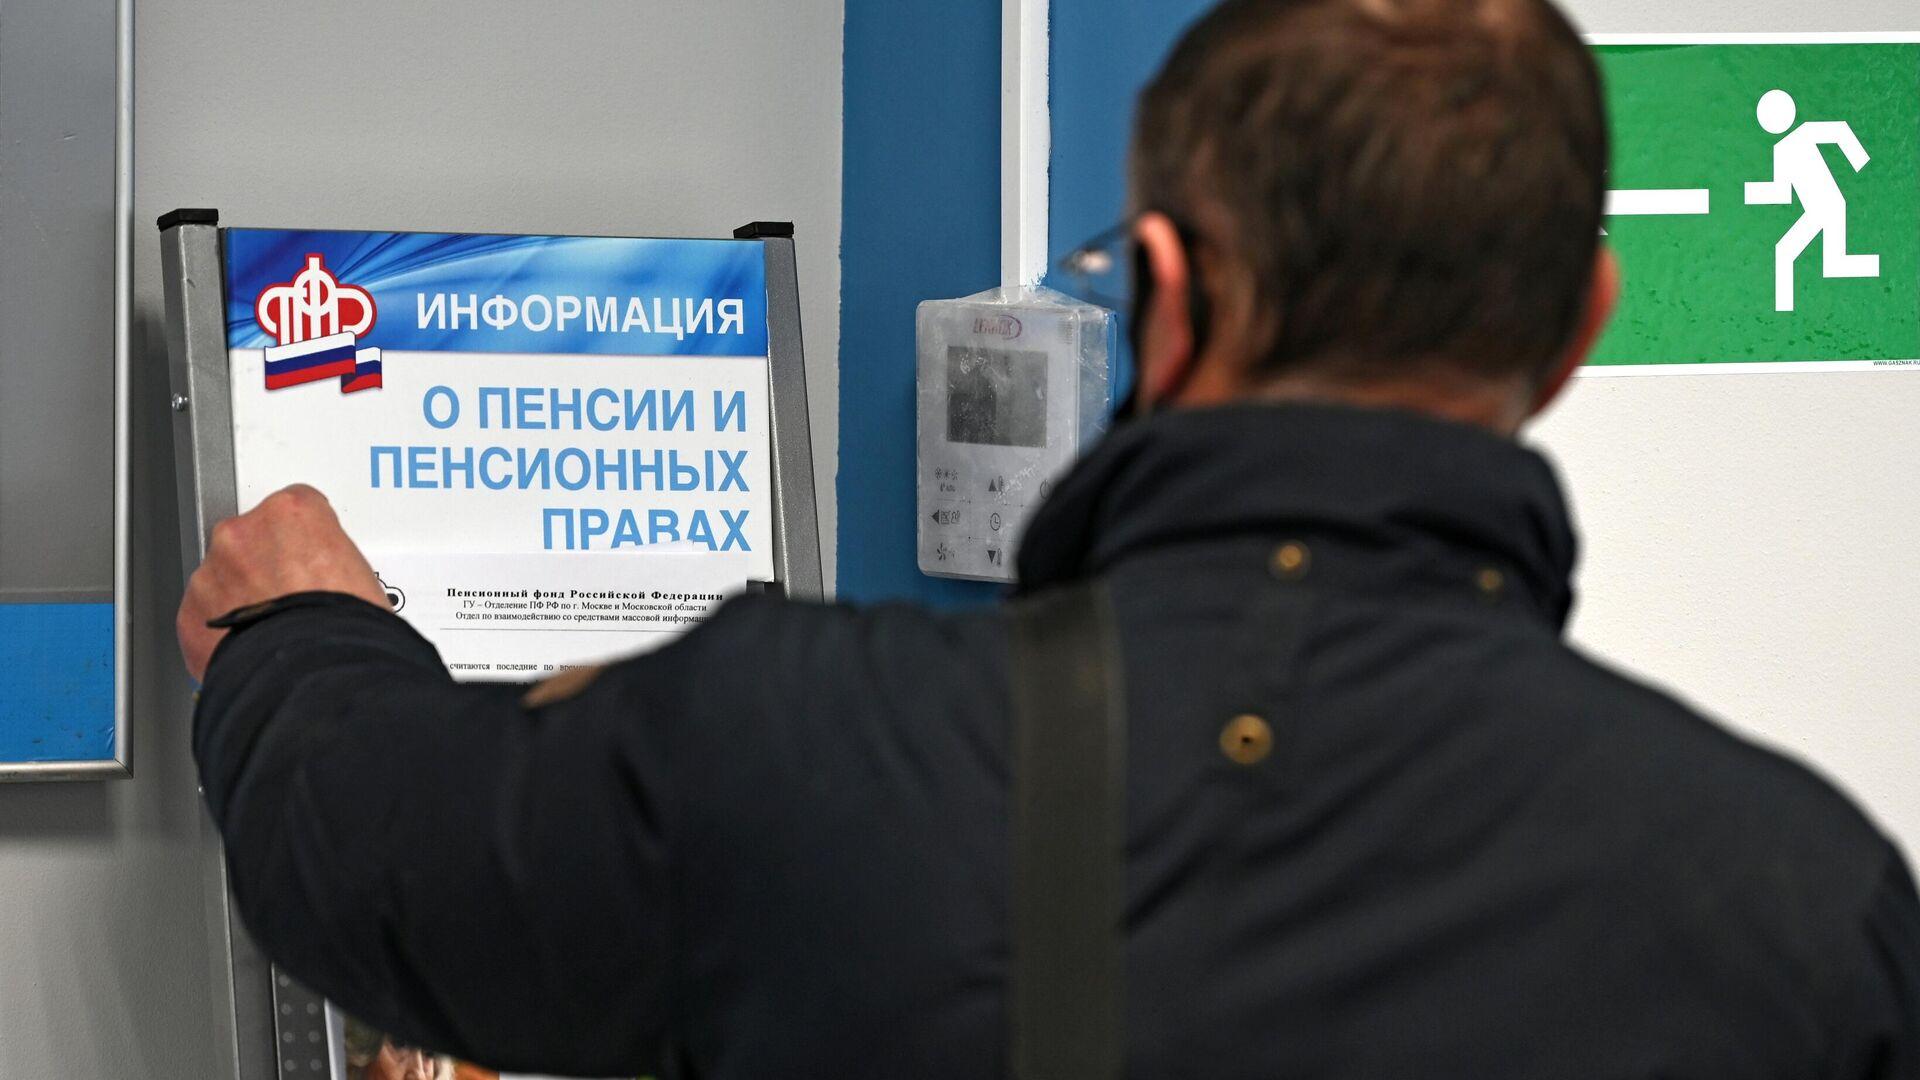 Мужчина у информационного стенда в пенсионном фонде в Москве - РИА Новости, 1920, 09.04.2021